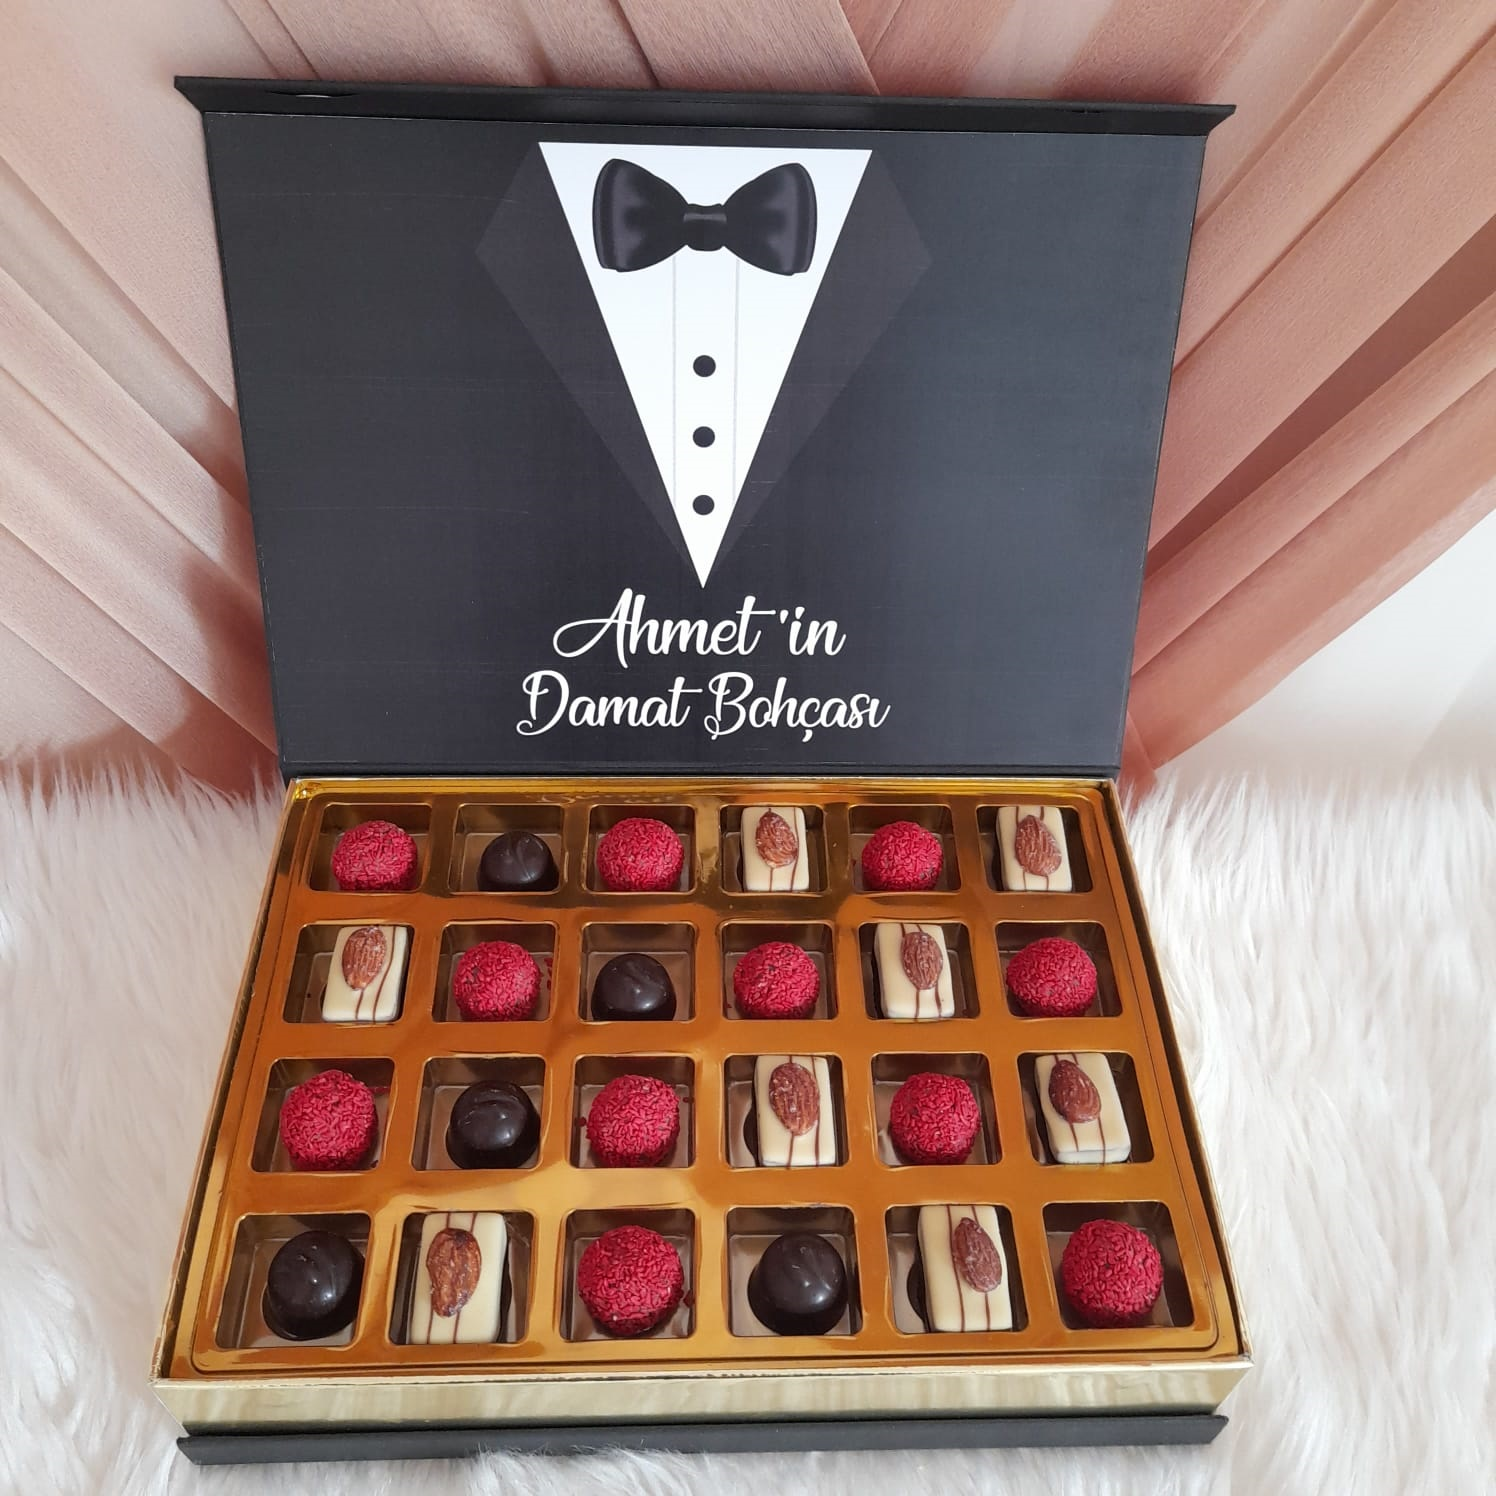 Damat Bohça Çikolatası fotoğraflı